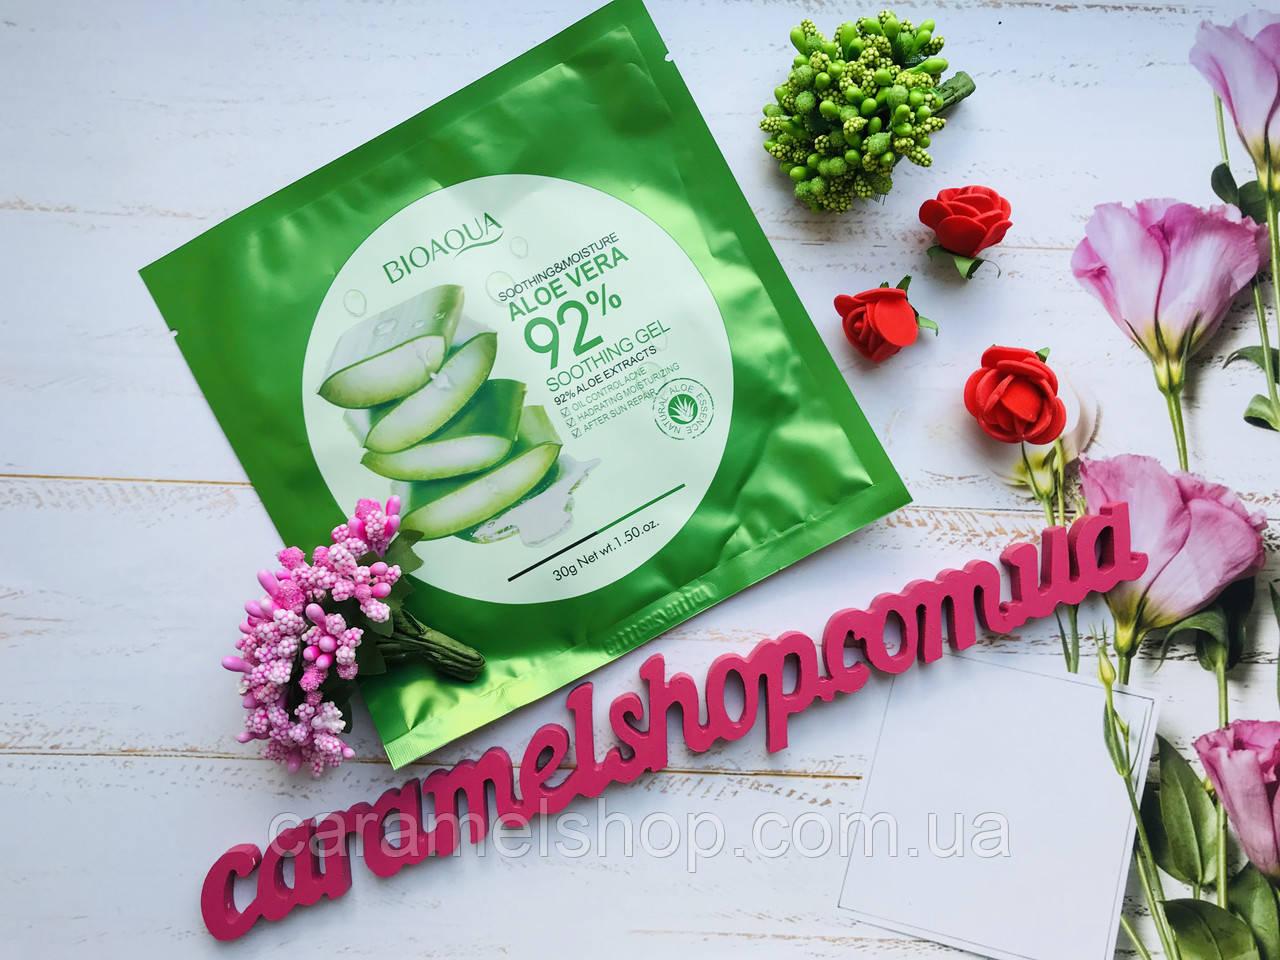 Успокаивающая тканевая маска для лица с алоэ BIOAQUA Soothing & Moisture Aloe Vera 92% Gel Face